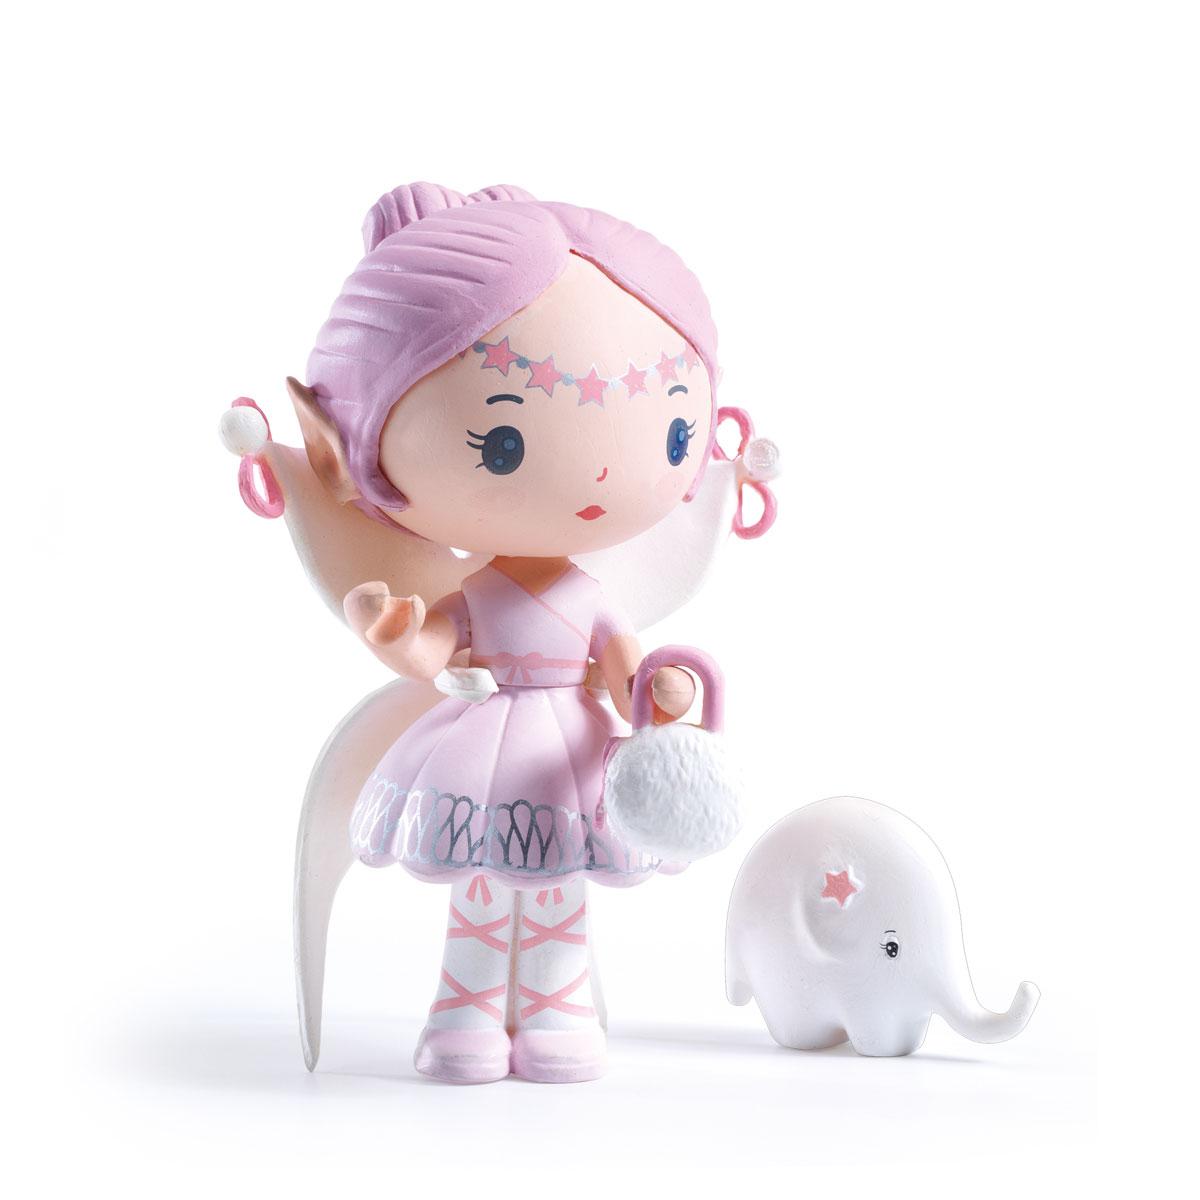 Figurine Tinyly - Elfe & Bolero